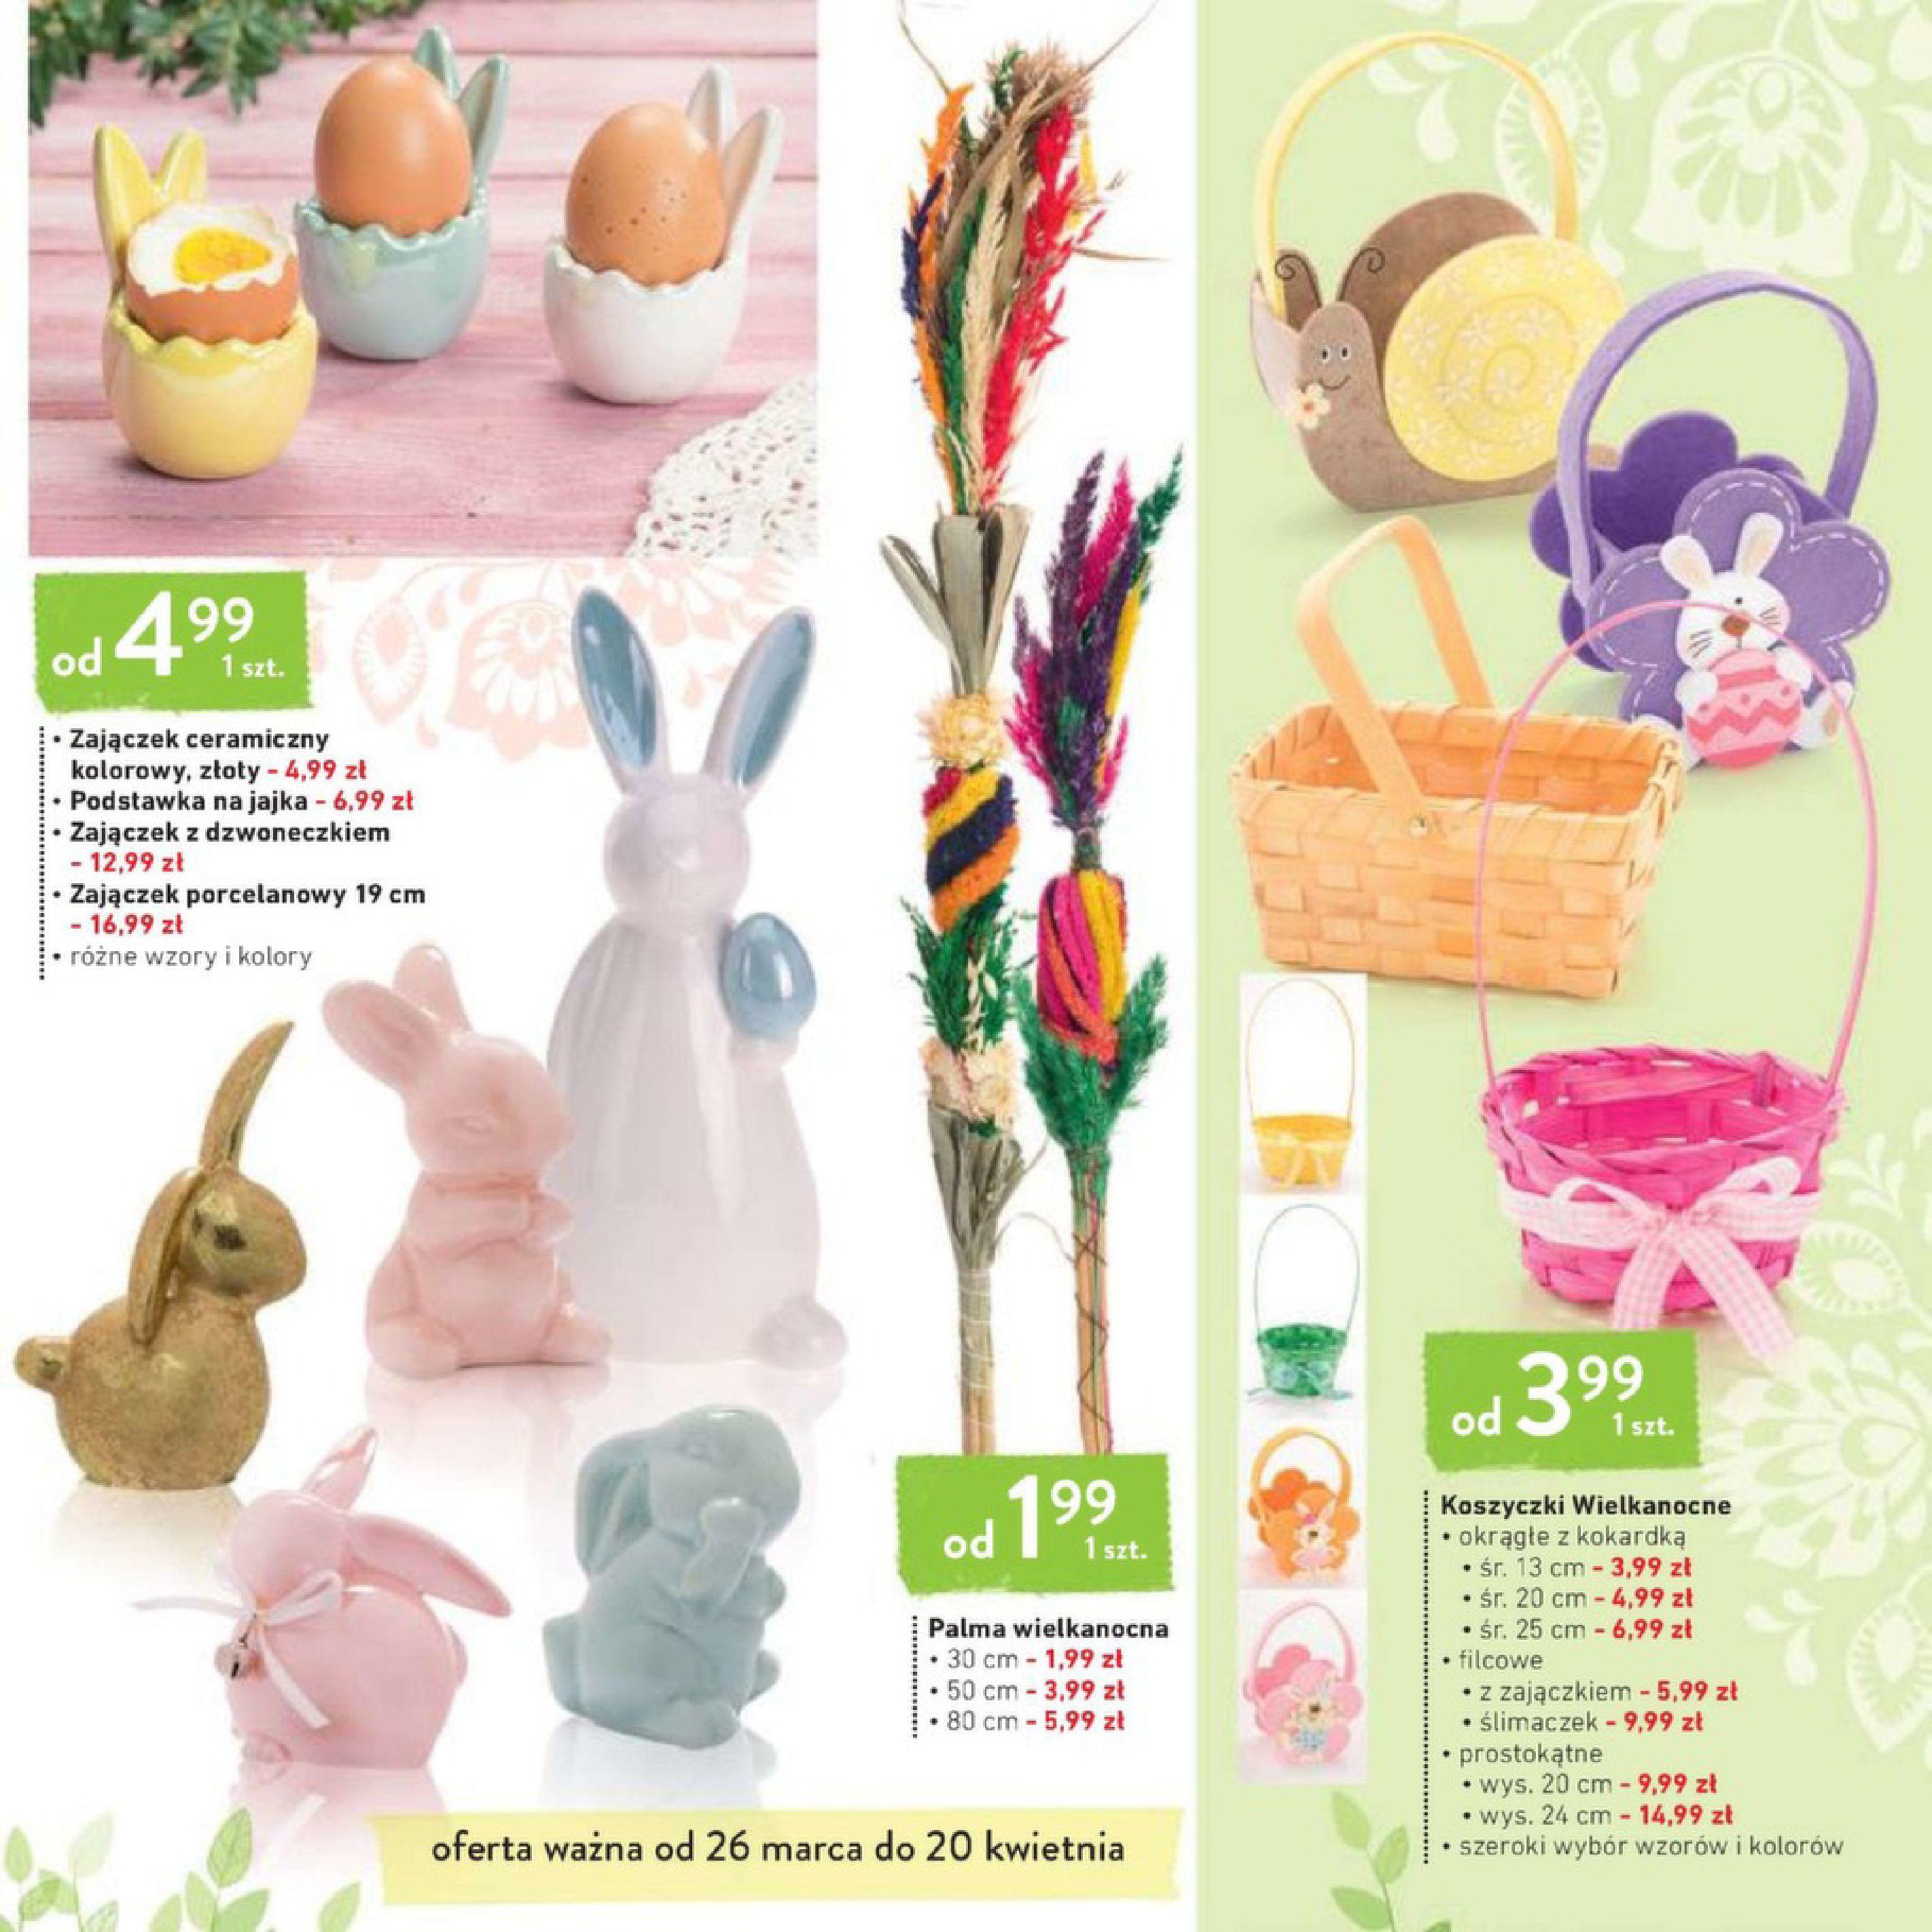 Gazetka Intermarché - Katalog Wielkanocny-25.03.2019-20.04.2019-page-